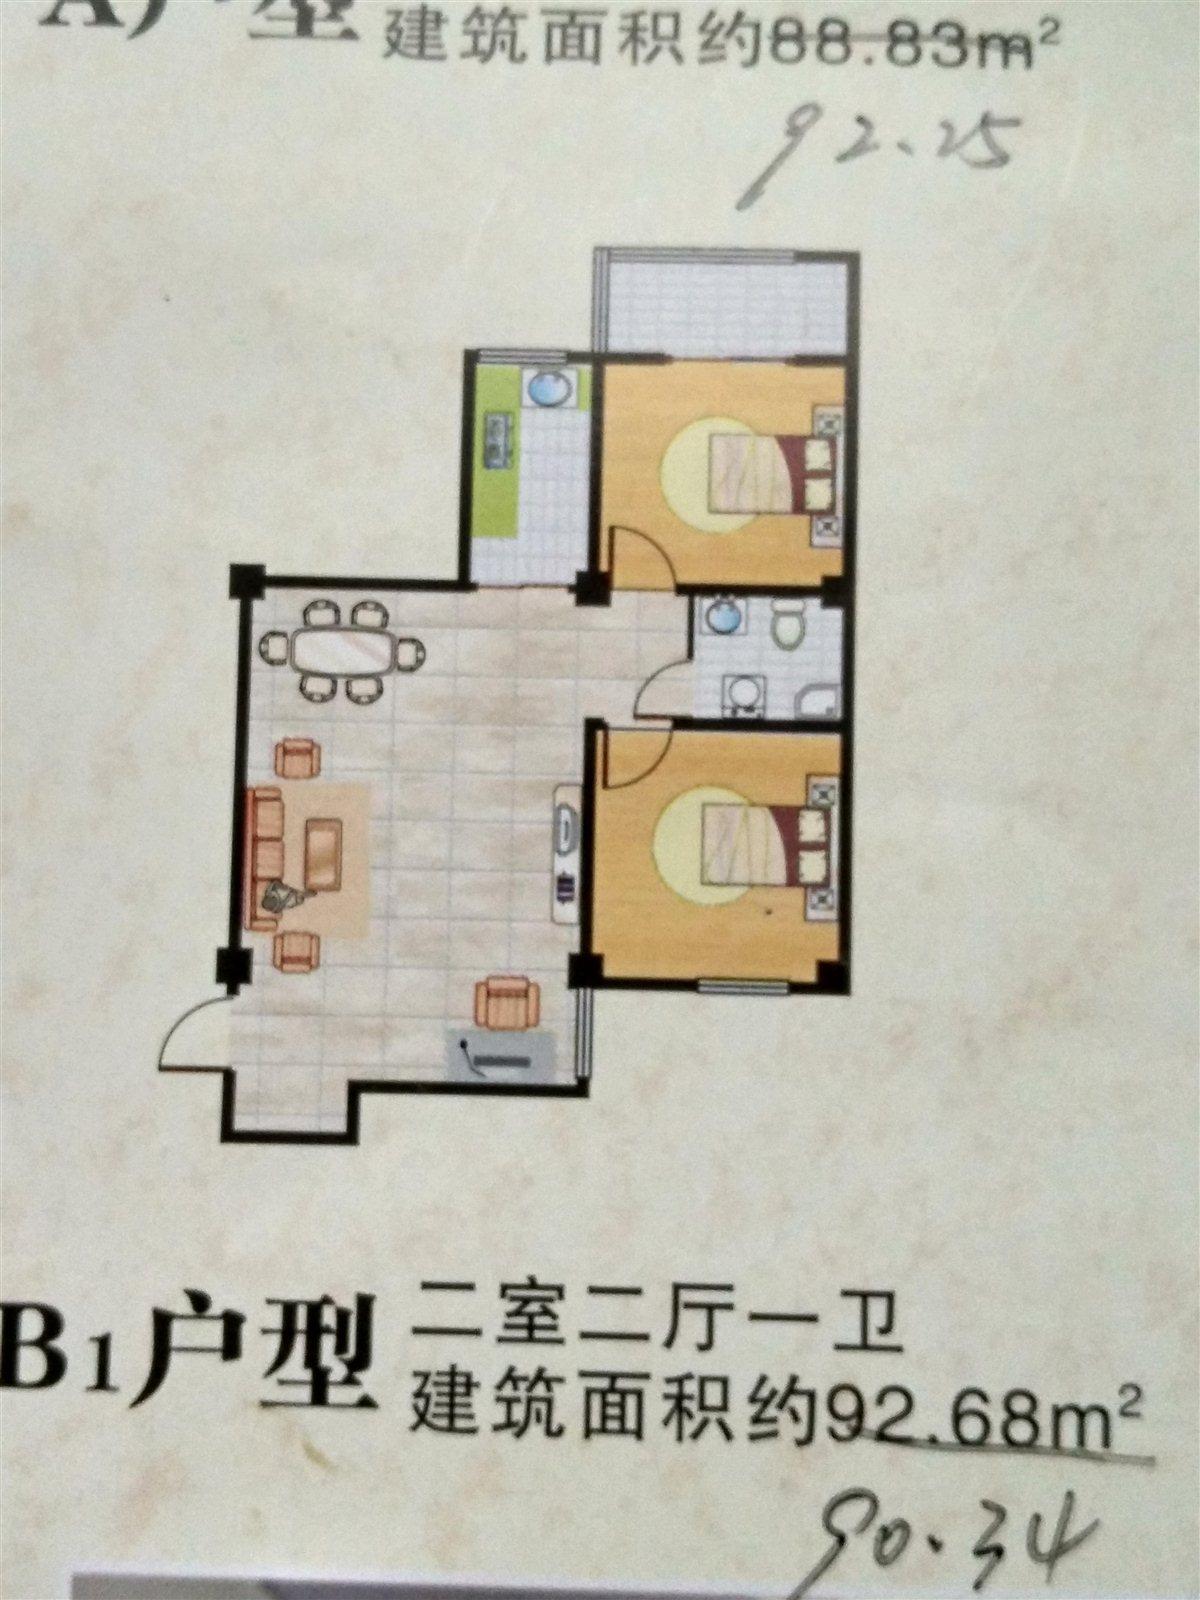 鑫源大厦2室 2厅 1卫41万元